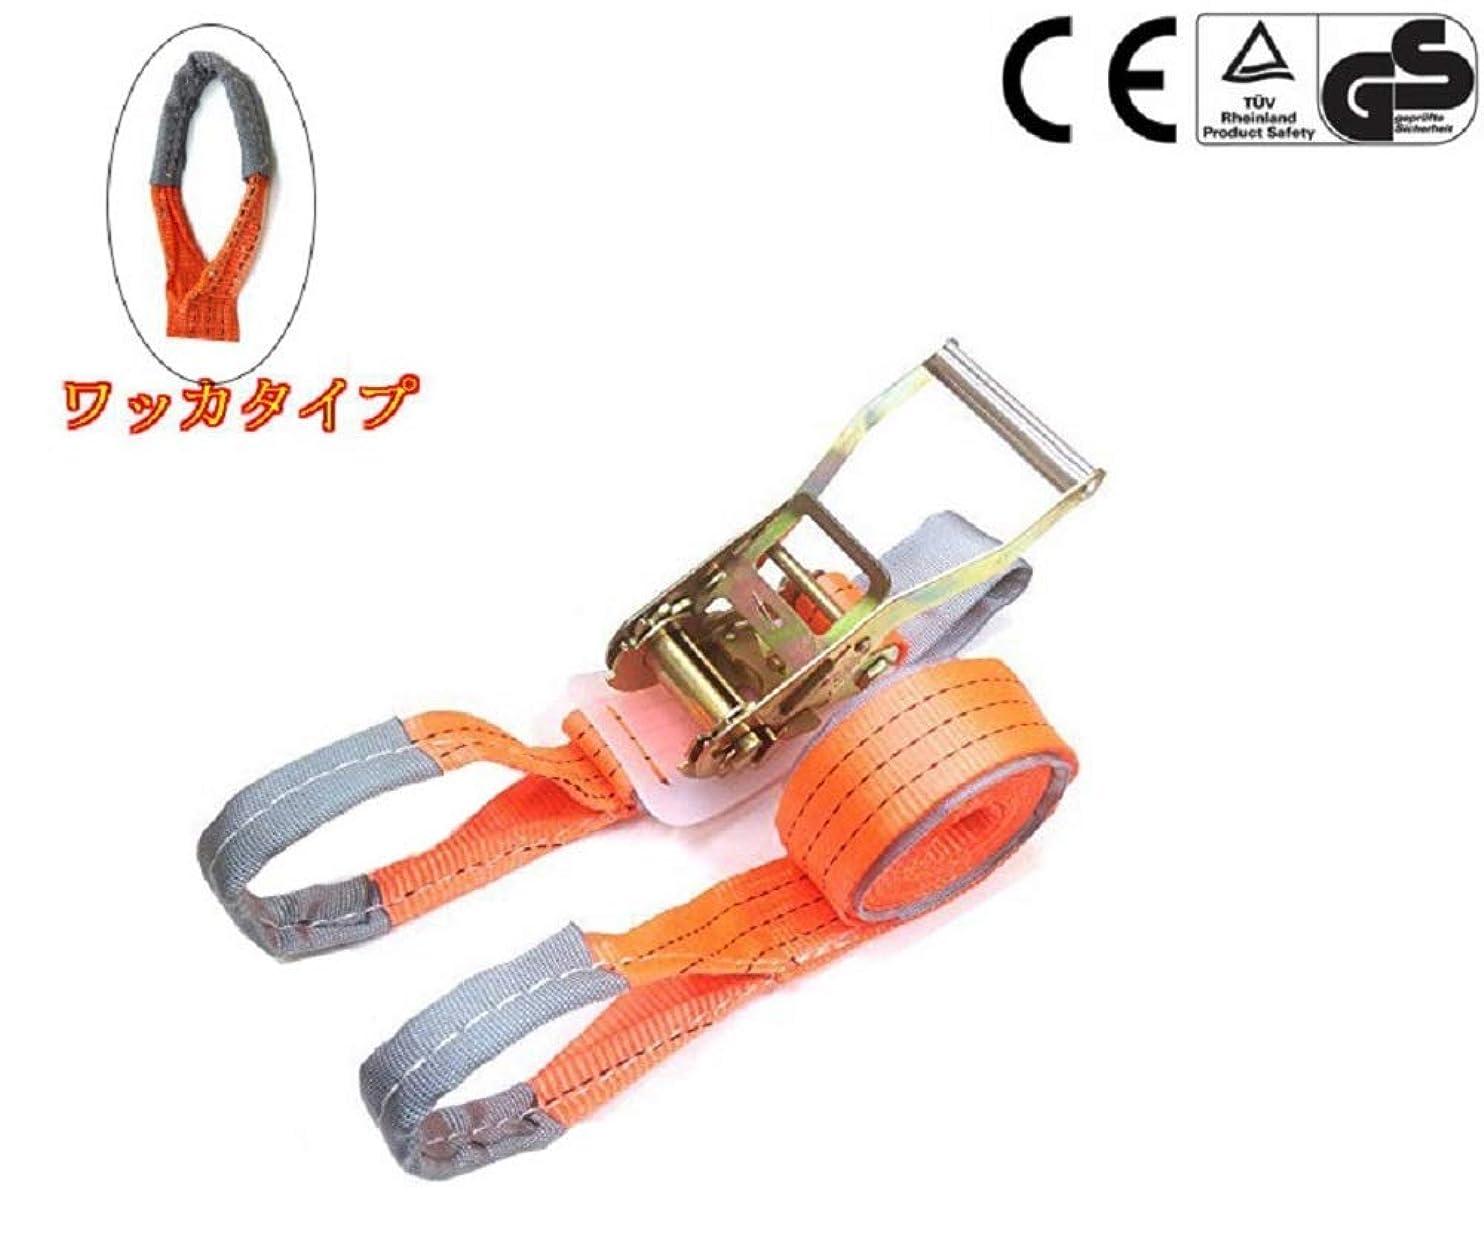 天国ピラミッドマイクベストアンサー ラッシングベルト ワッカ ベルト幅50mm 固定側1m 巻側5m ラチェット式荷締めベルト ラッシング